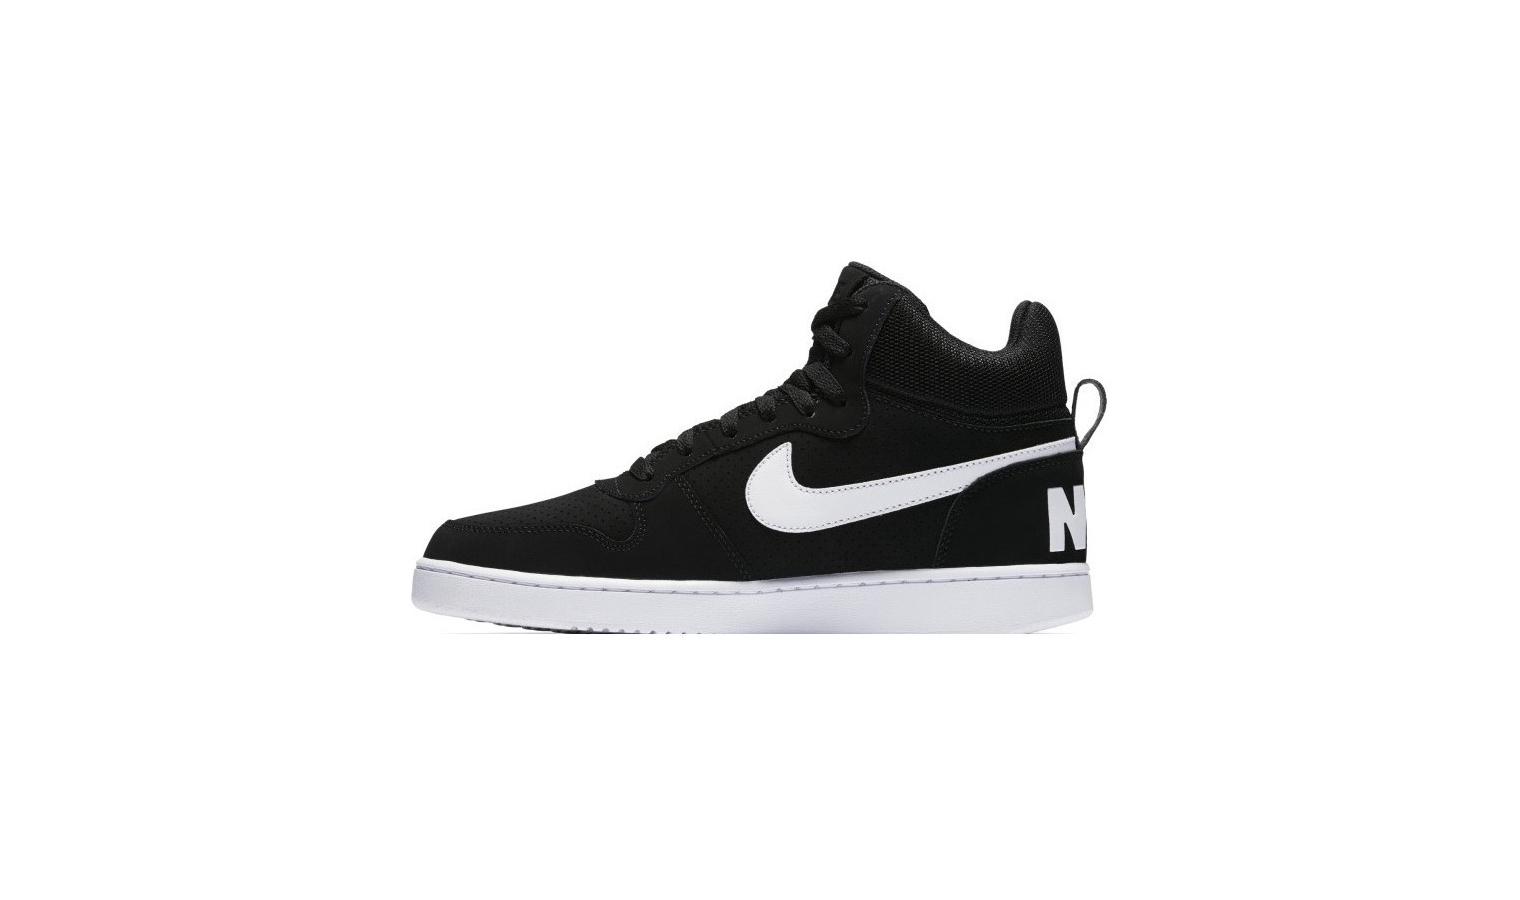 ... Pánske tenisky Nike COURT BOROUGH MID čierne. Zľava 381e6650173